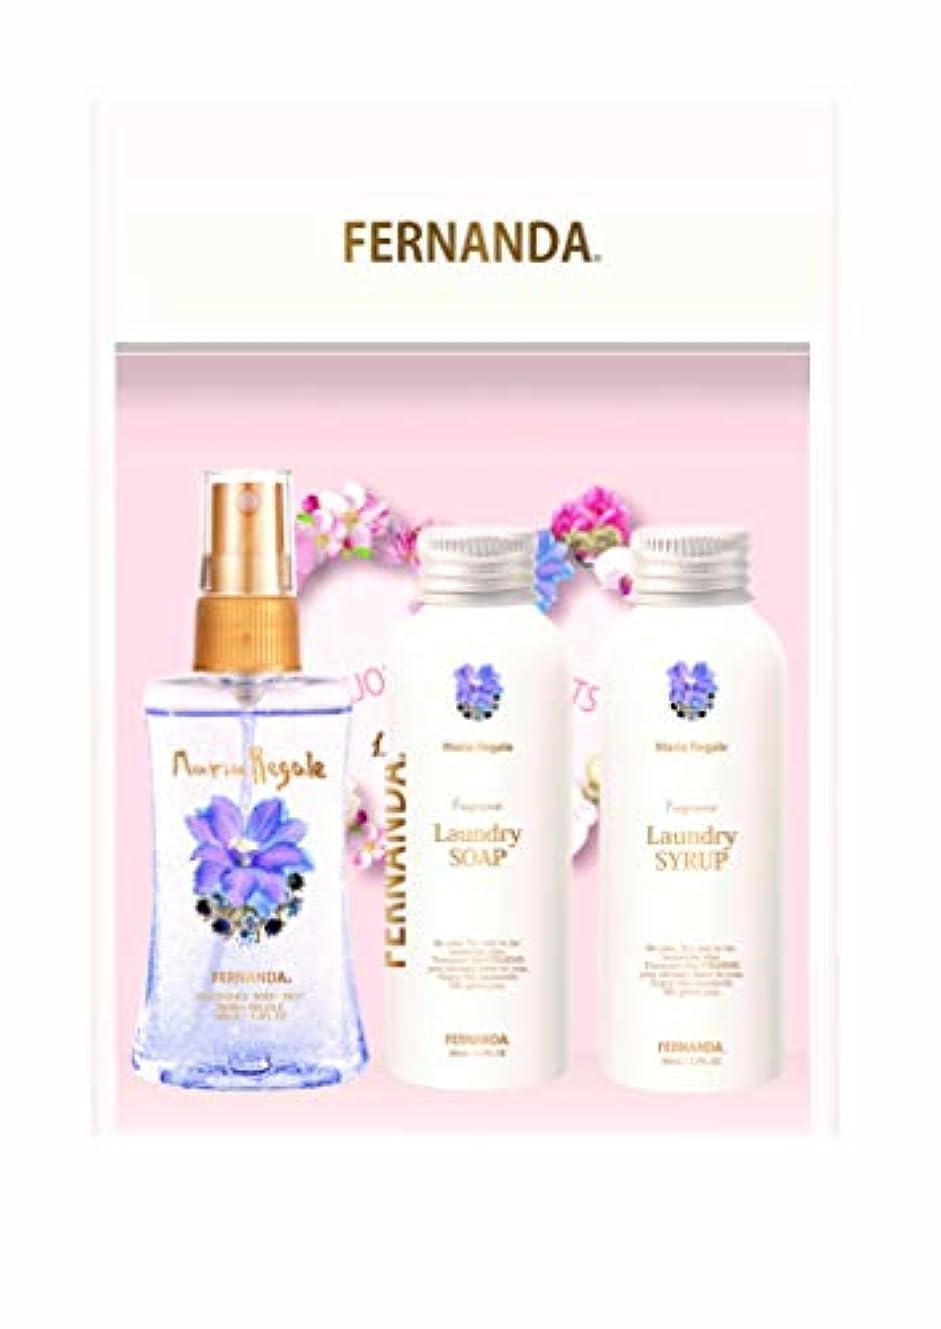 百科事典打ち上げるタイプFERNANDA(フェルナンダ)Mist & Laundry Soap & Laungry Syrup Gift Set Maria Regale (ミスト&ランドリーソープ & ランドリーシロップ ギフトセット マリアリゲル)